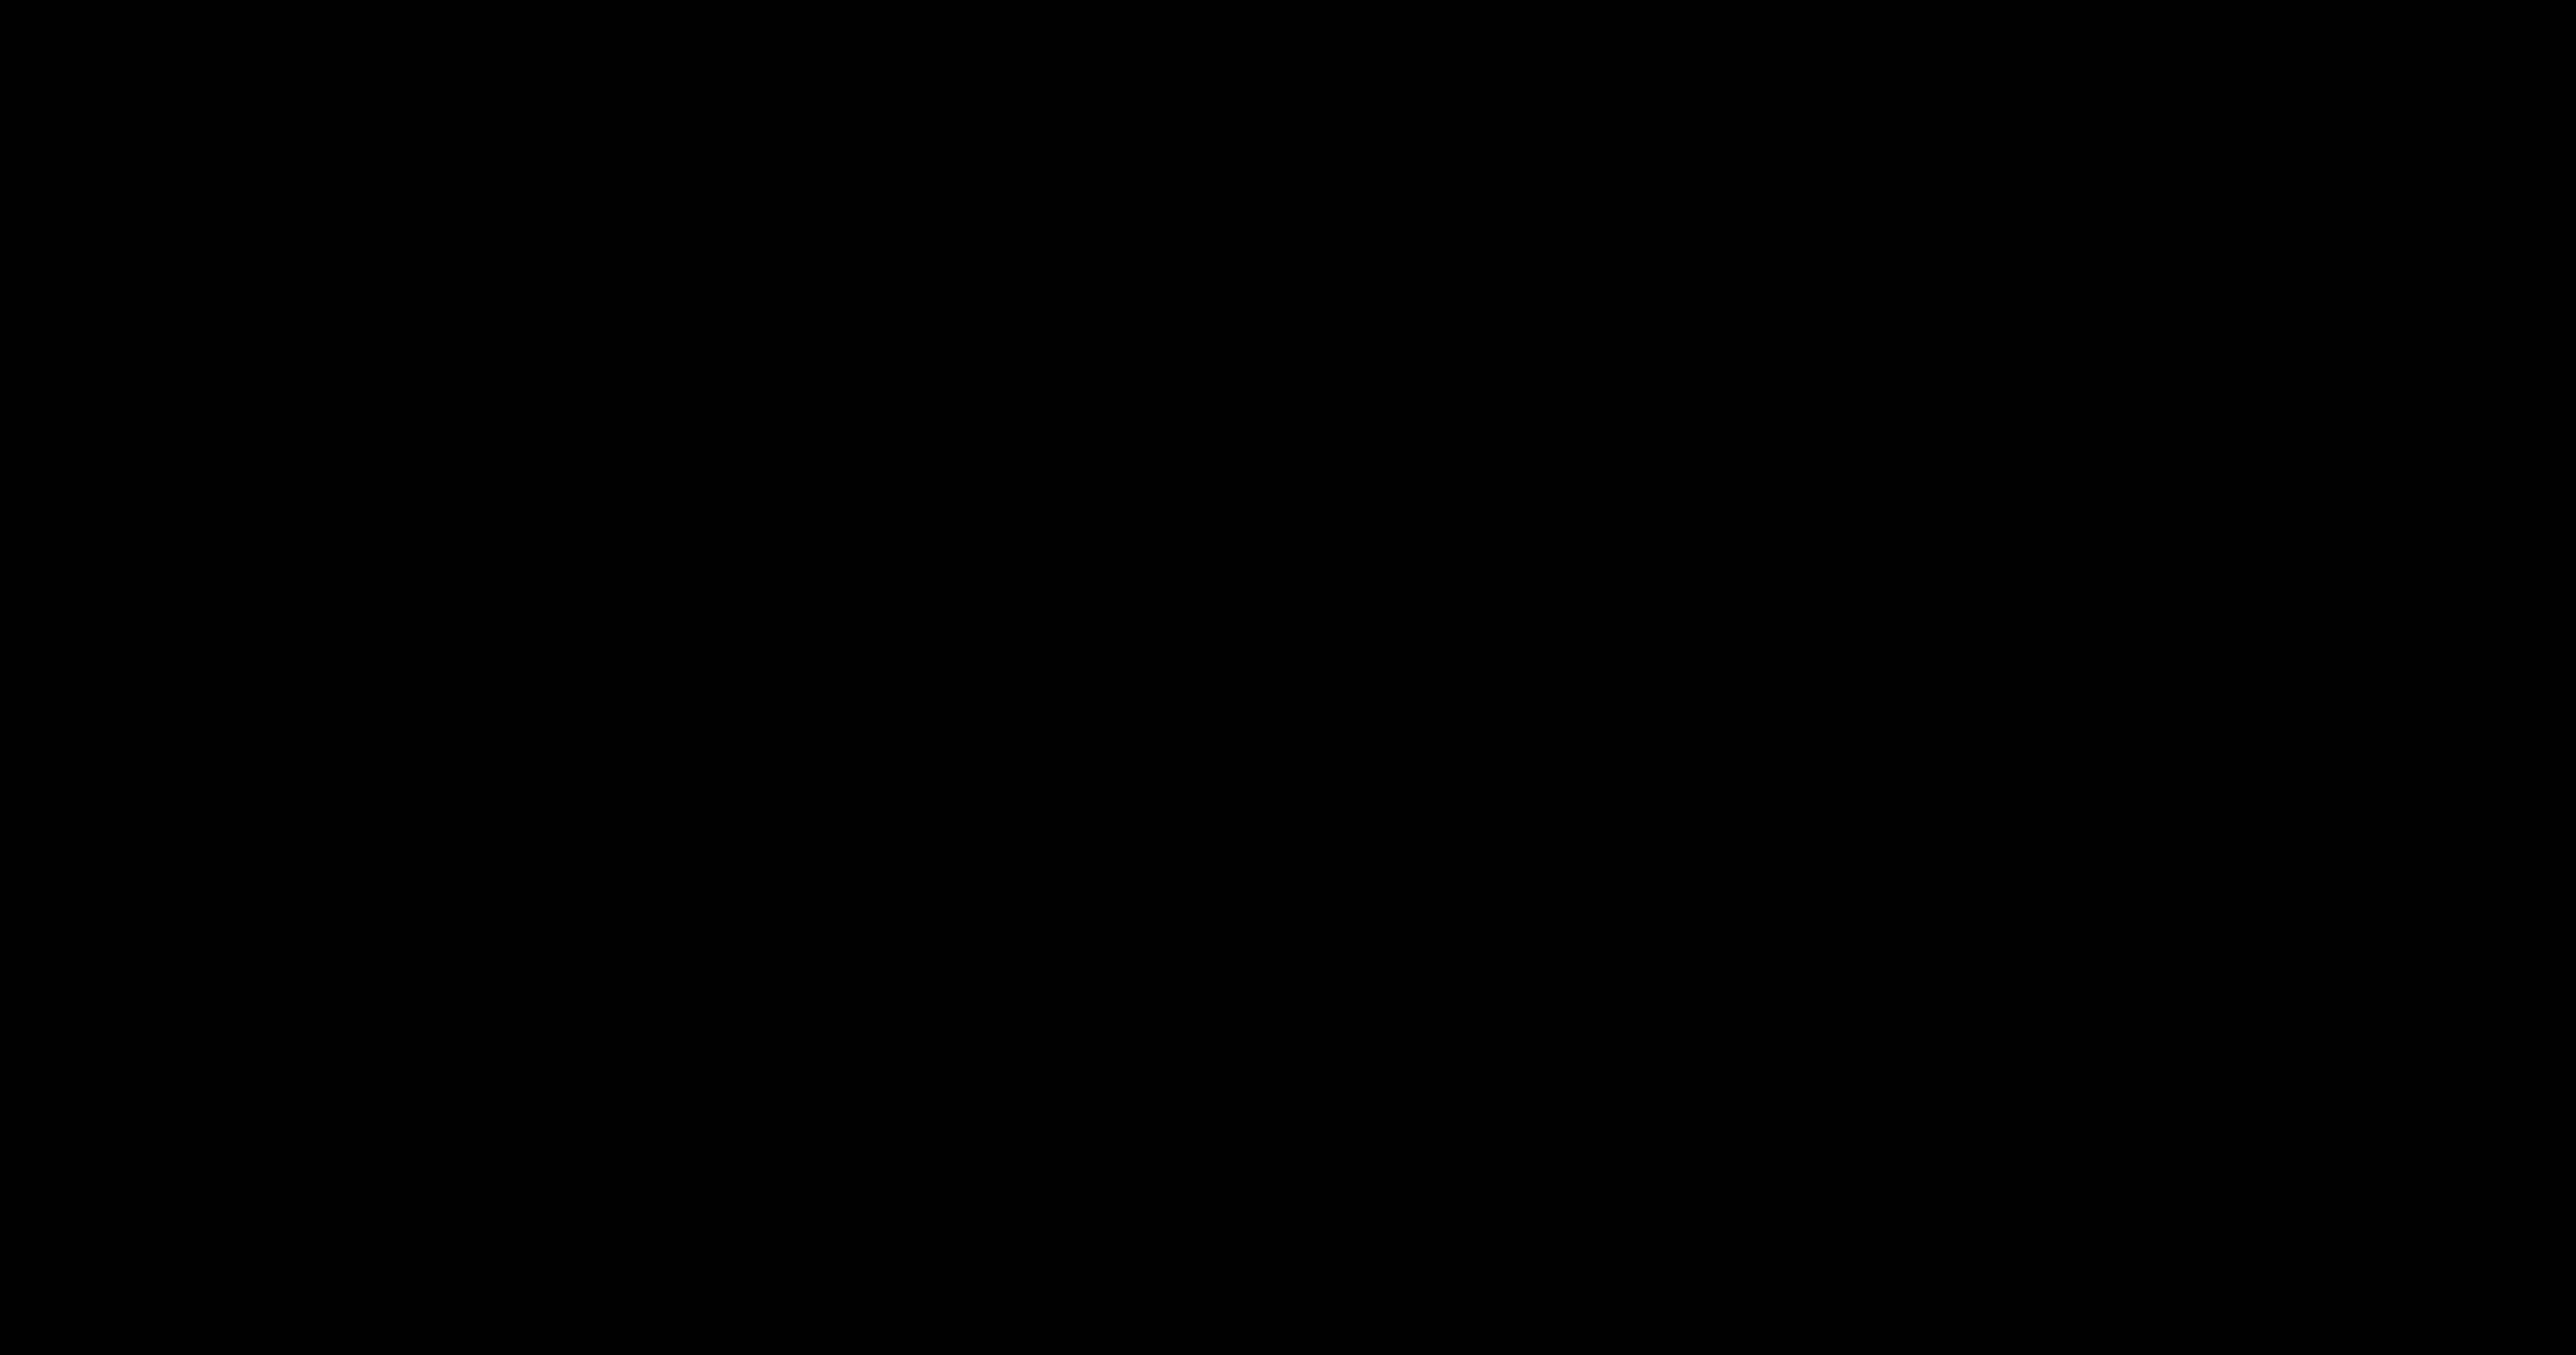 Zeppelin sculpture 2